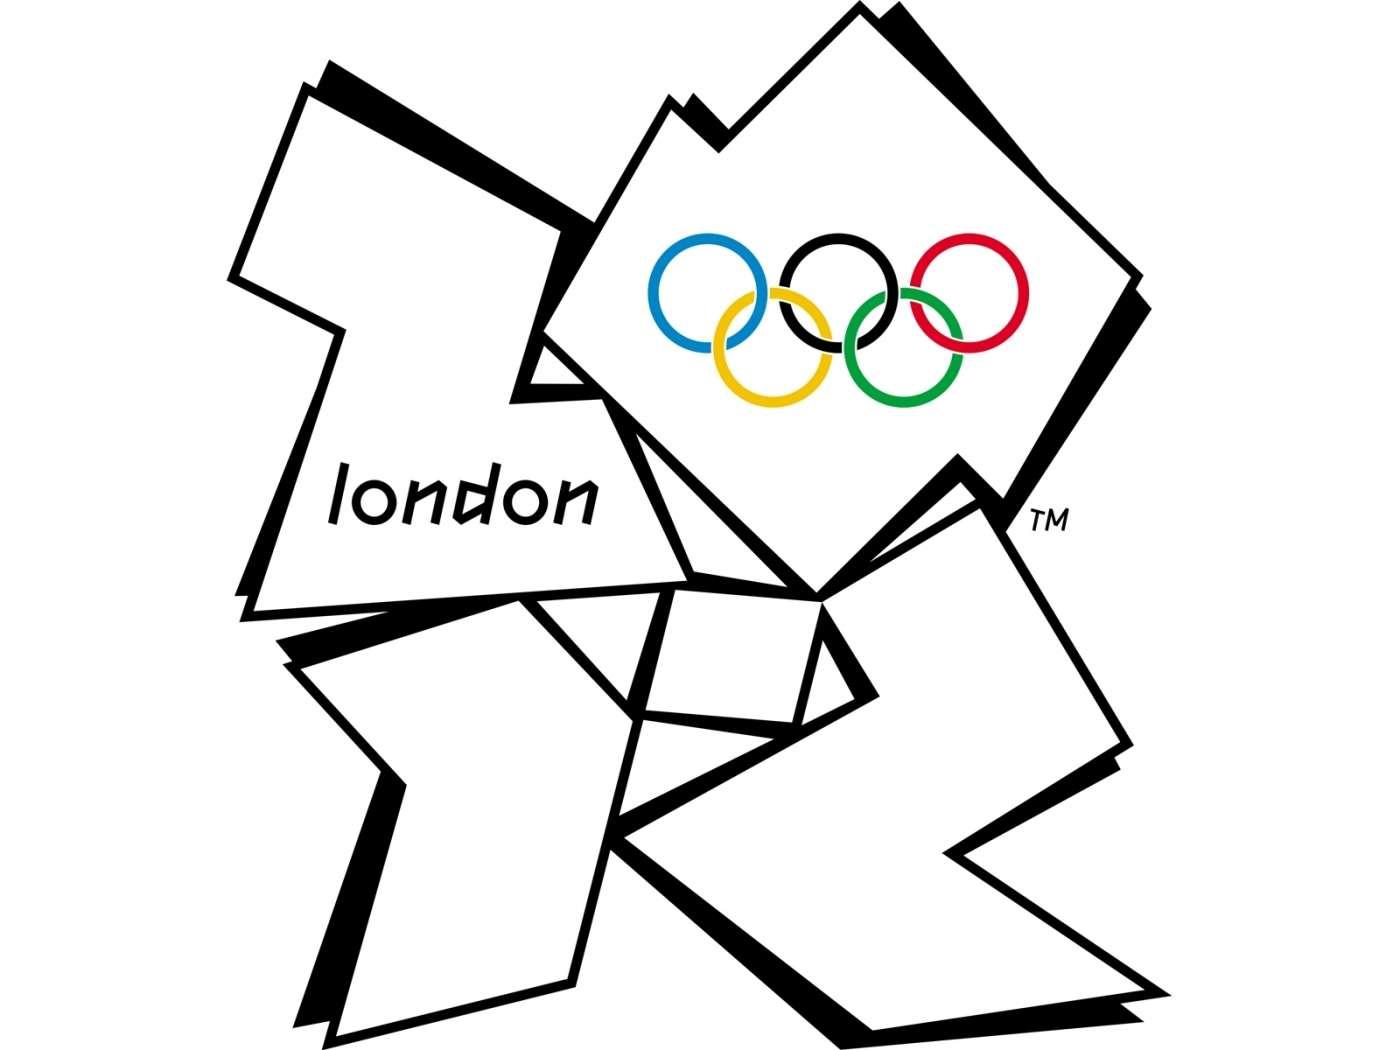 Cet été, Londres accueillera les Jeux olympiques pour la troisième fois de son histoire, après 1908 et 1948. Les disciplines sportives représentées seront au nombre de 26. © DR